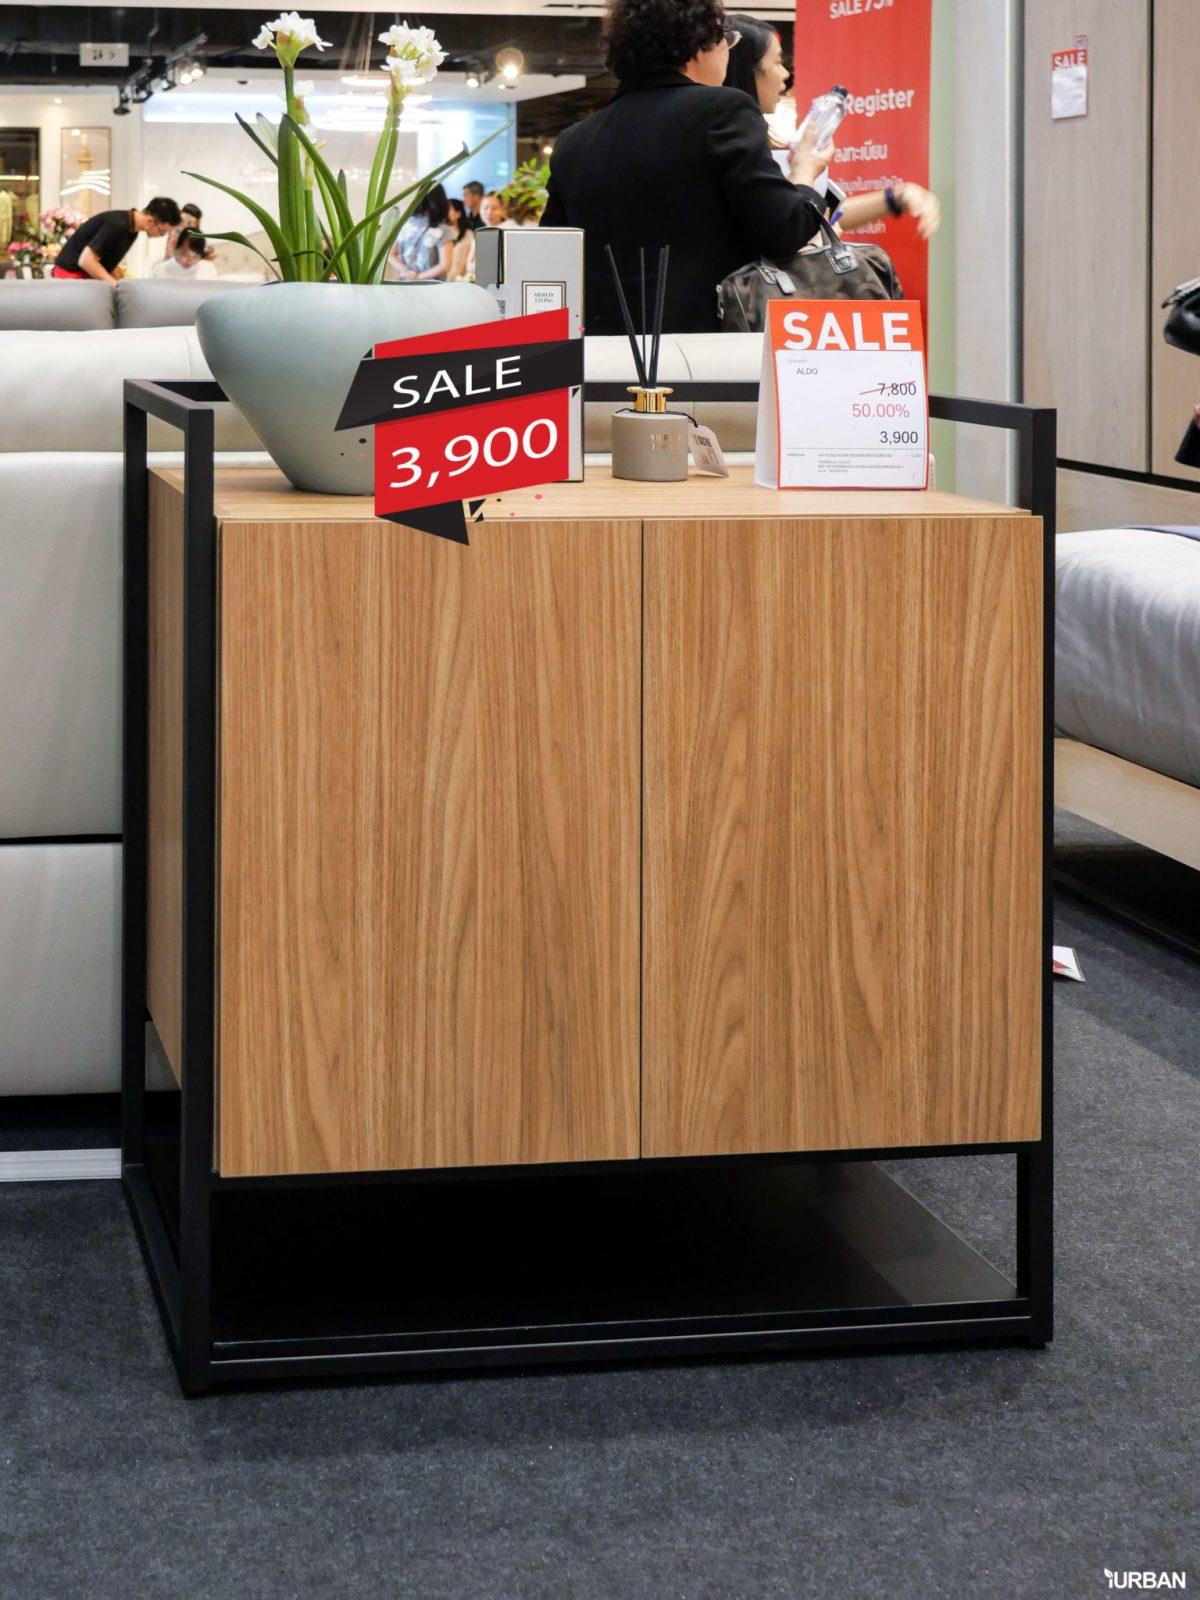 พาชม MODERNFORM ลดถึง 75% งาน The Annual Sale 2019 ปีนี้มีอะไรบ้าง? 130 - decorate